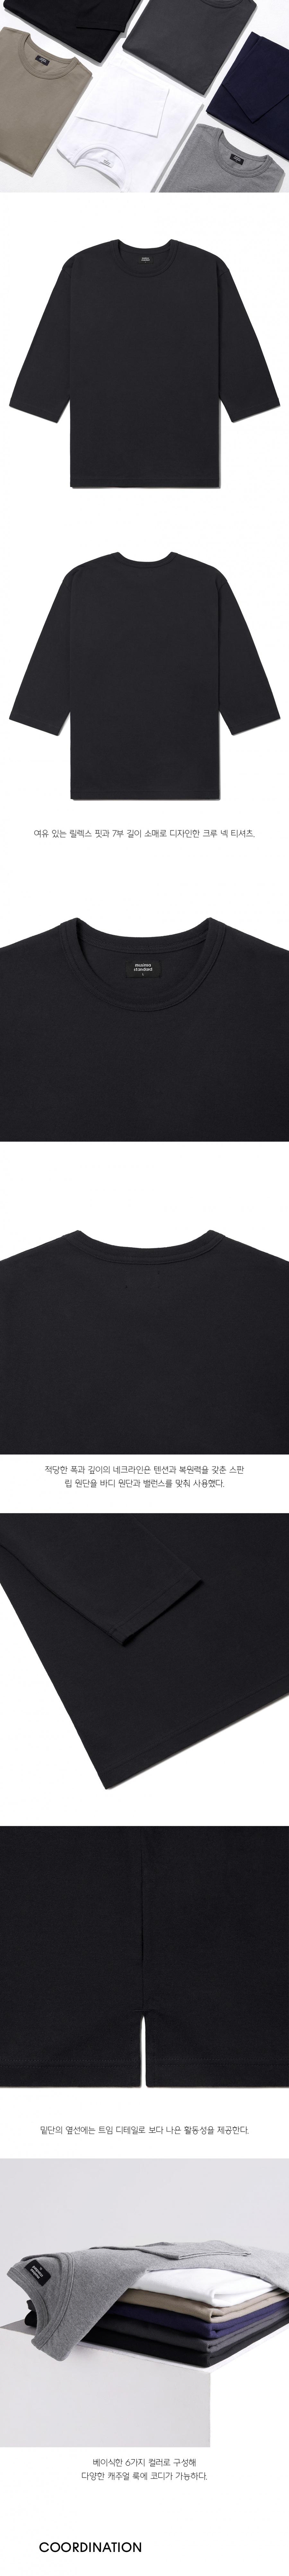 무신사 스탠다드(MUSINSA STANDARD) 3/4 슬리브 크루 넥 티셔츠 [블랙]